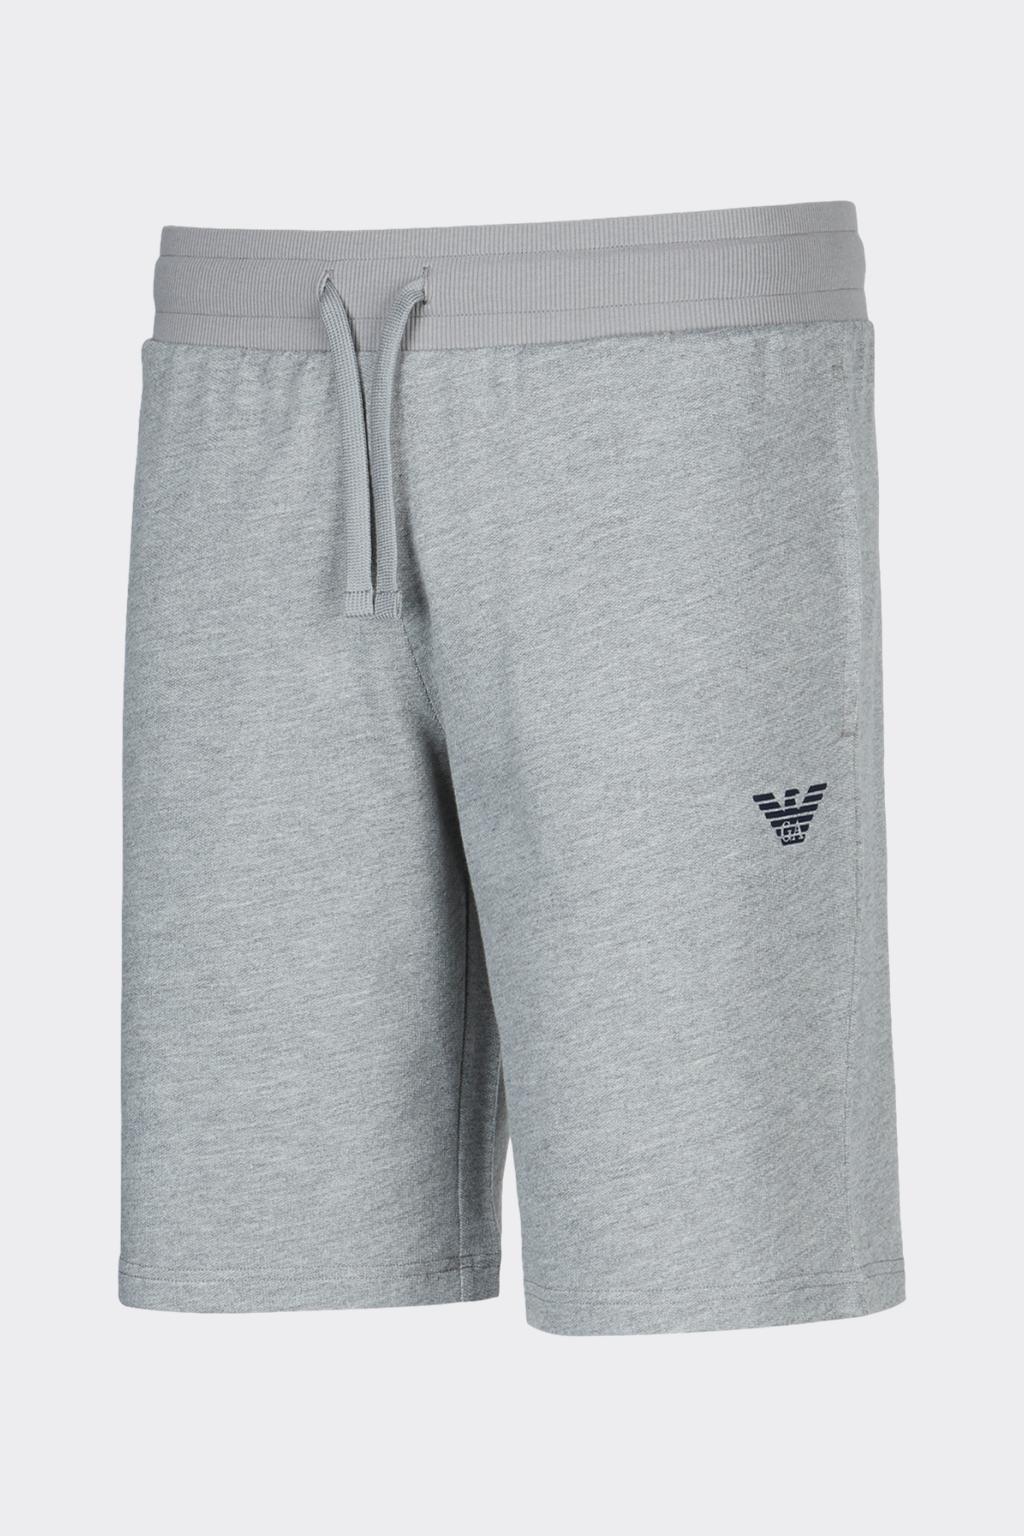 Emporio Armani Underwear Emporio Armani logo terry šortky pánské - šedé Velikost: XL